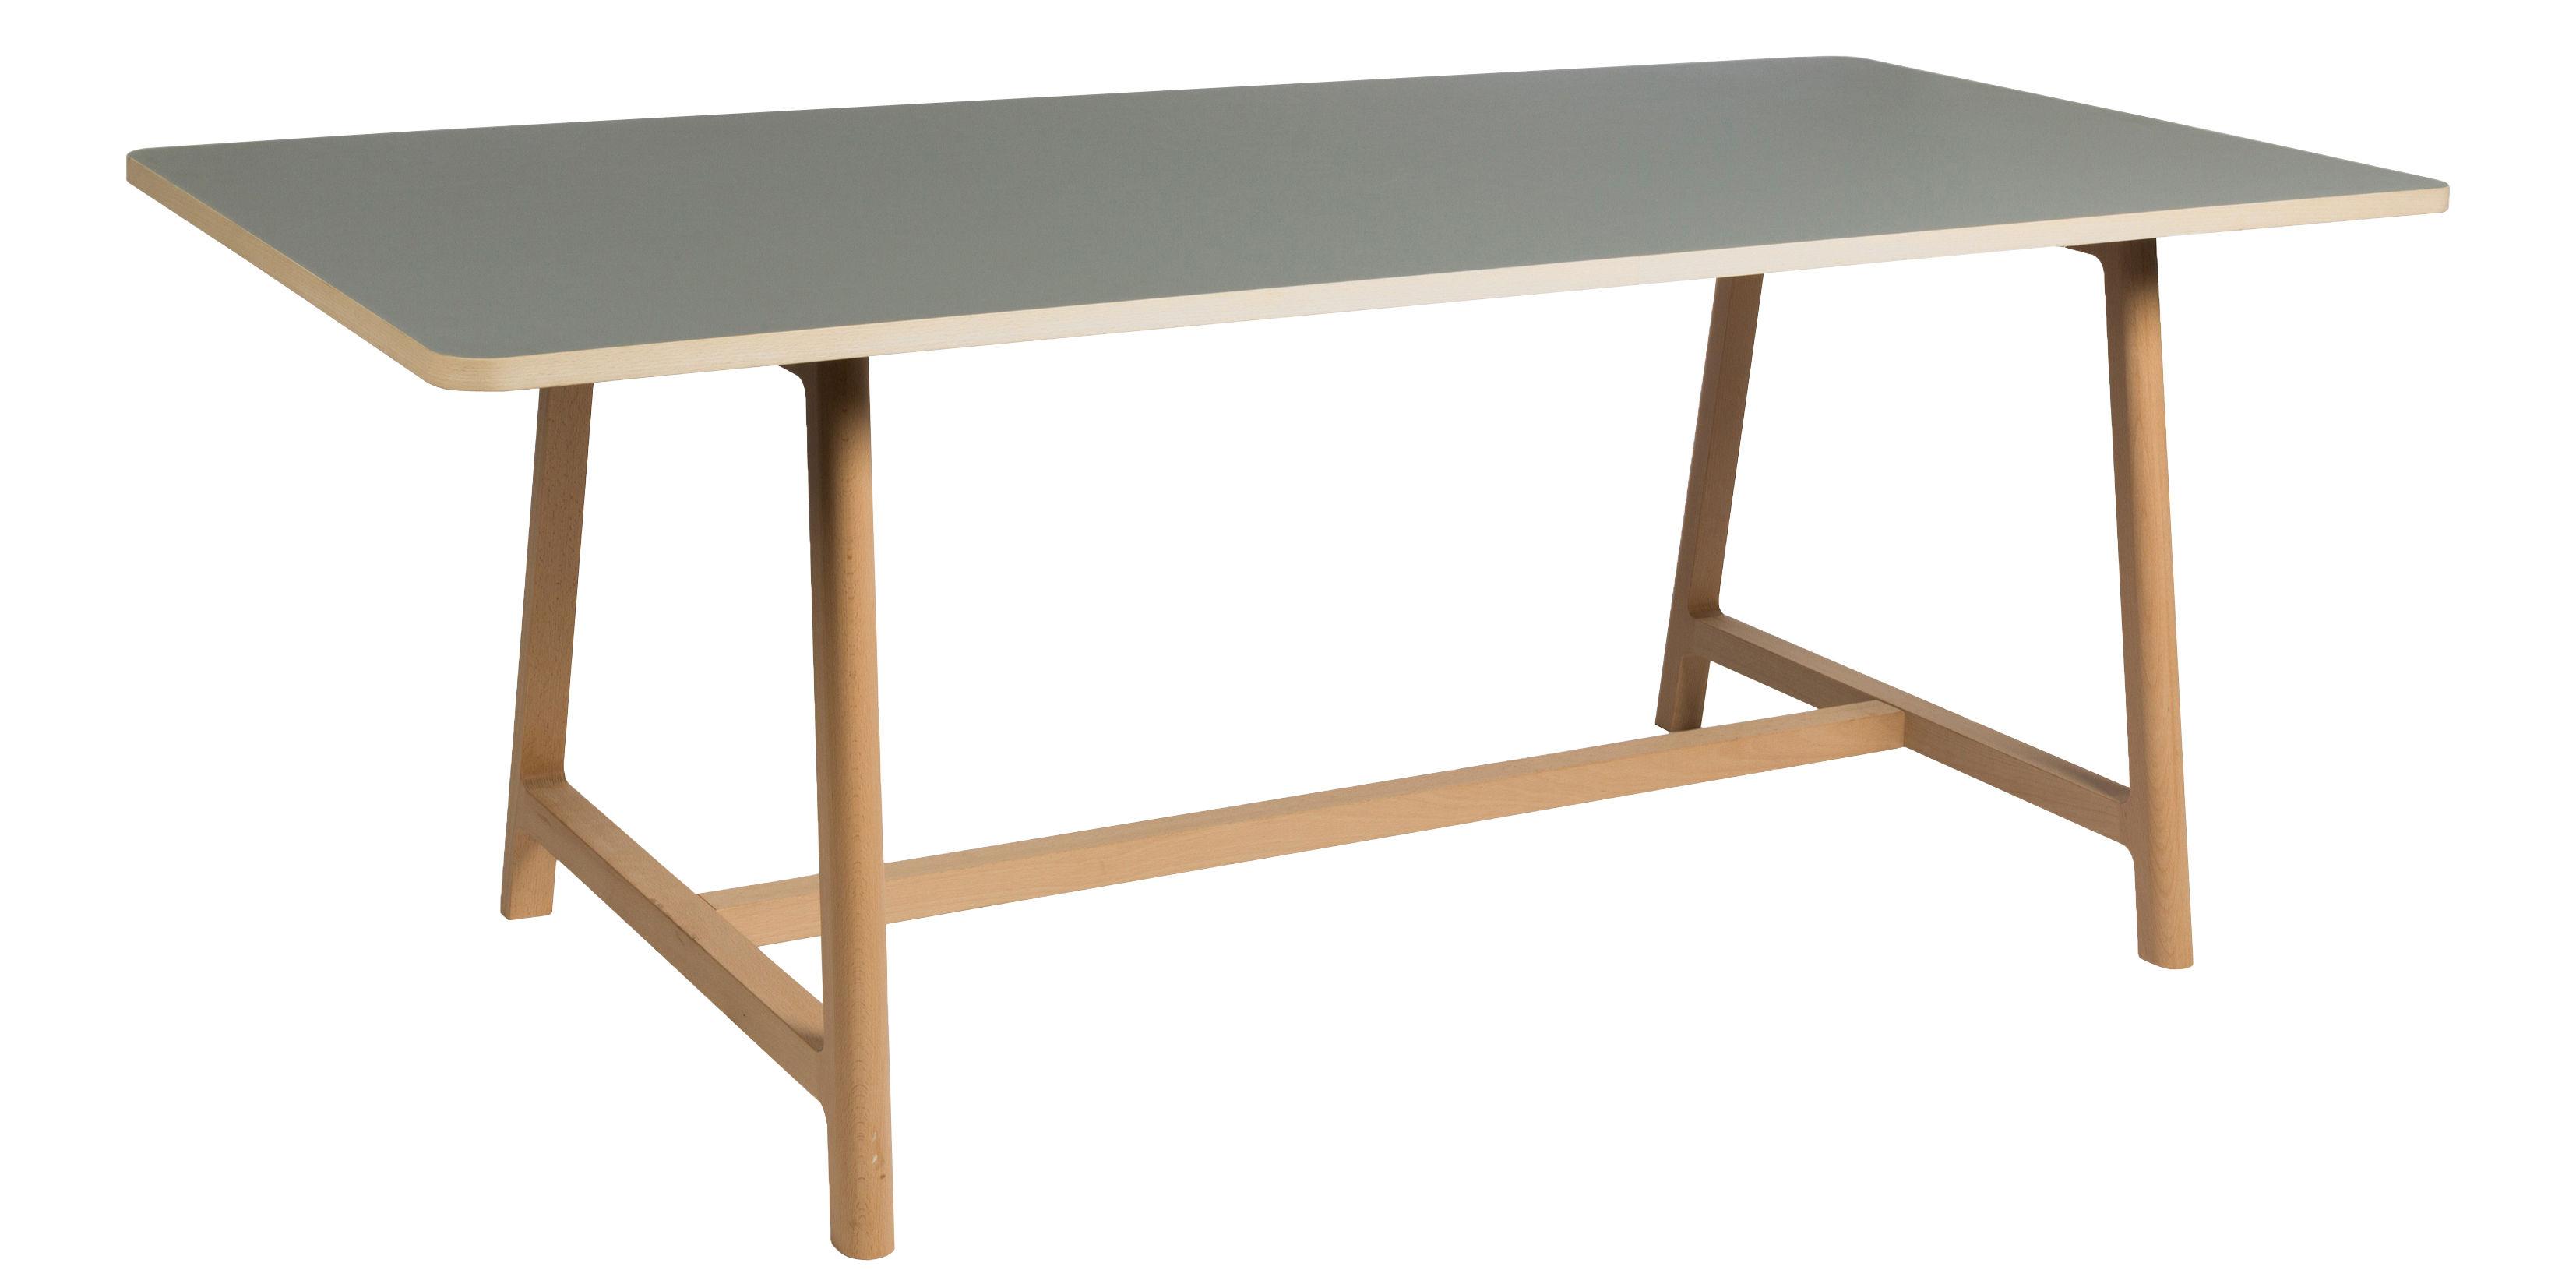 table frame 200 x 90 cm gris pieds bois hay. Black Bedroom Furniture Sets. Home Design Ideas